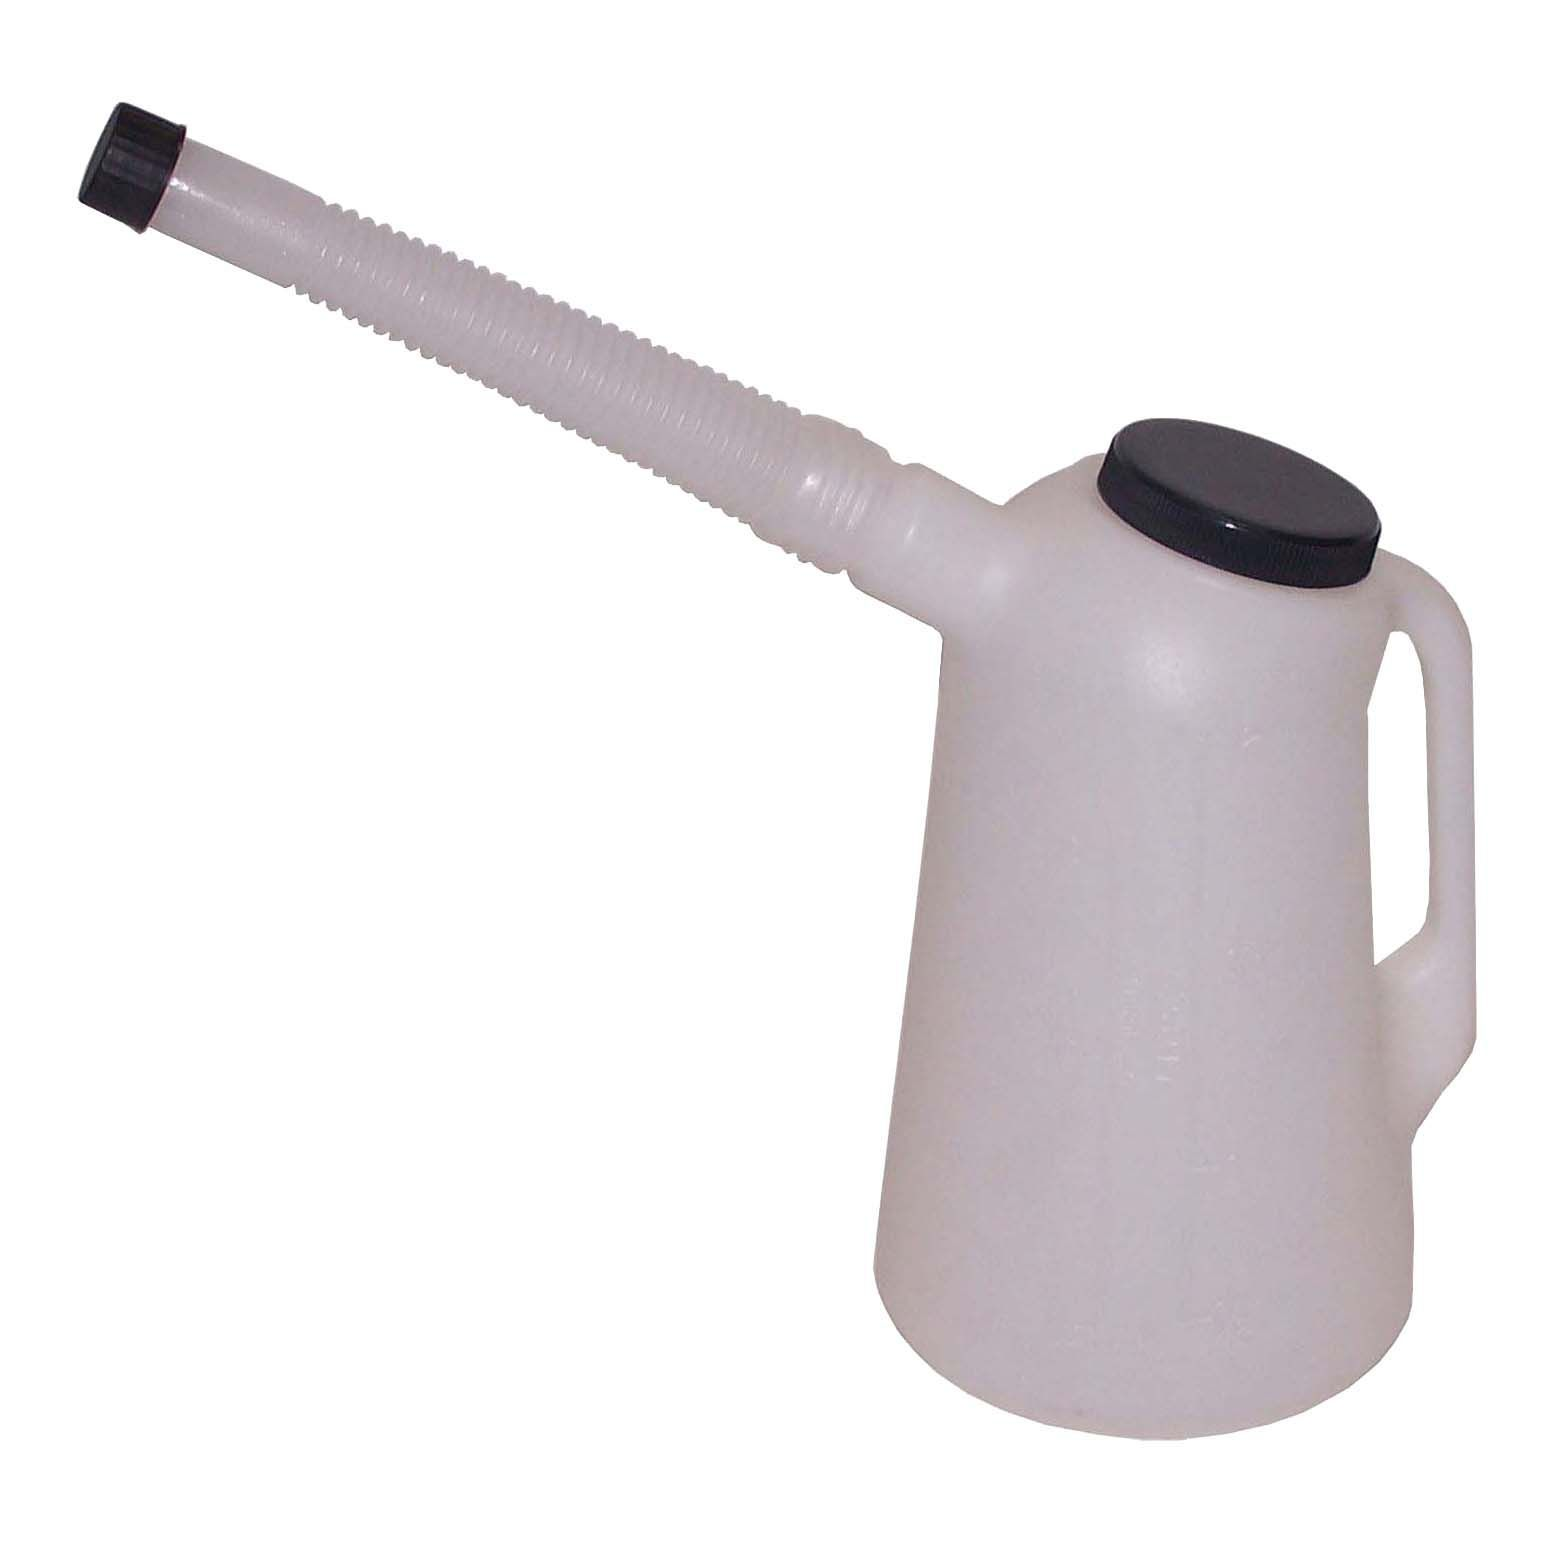 Lumeter Flexispout Measuring Bottle With Lid